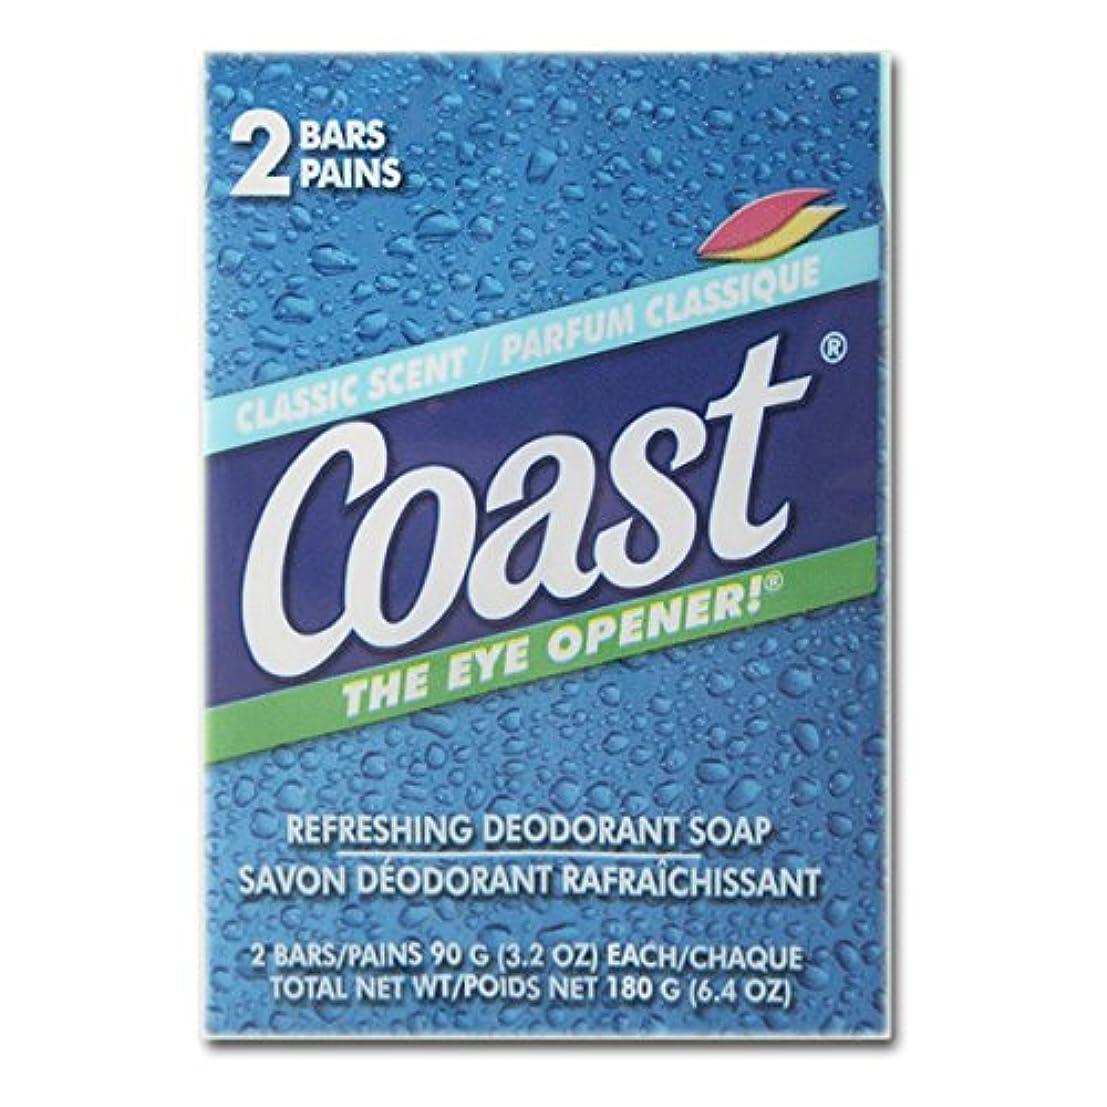 がんばり続ける難民気を散らすコースト(Coast) 石けんパシフィックフォース2個入り×12パック(24個)